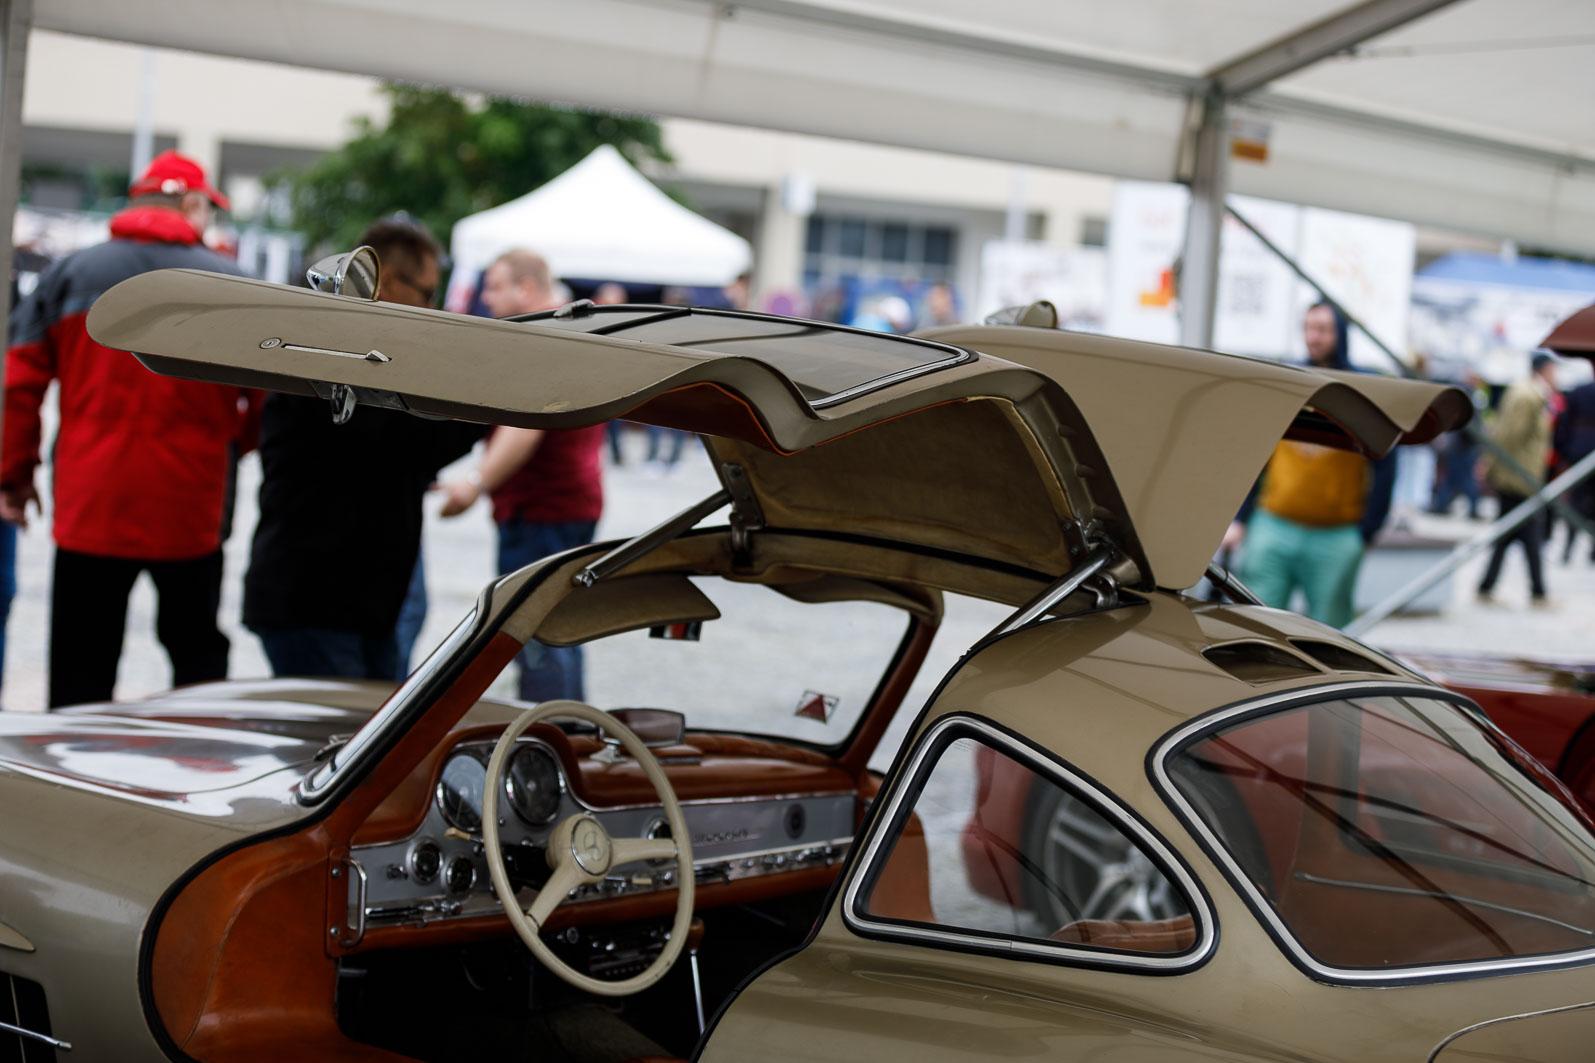 Na Revival Brno 2020 sa predviedol Talbot, ktorý zbiera svetové ocenenia nuFL8366Qk 3-mercedes-9